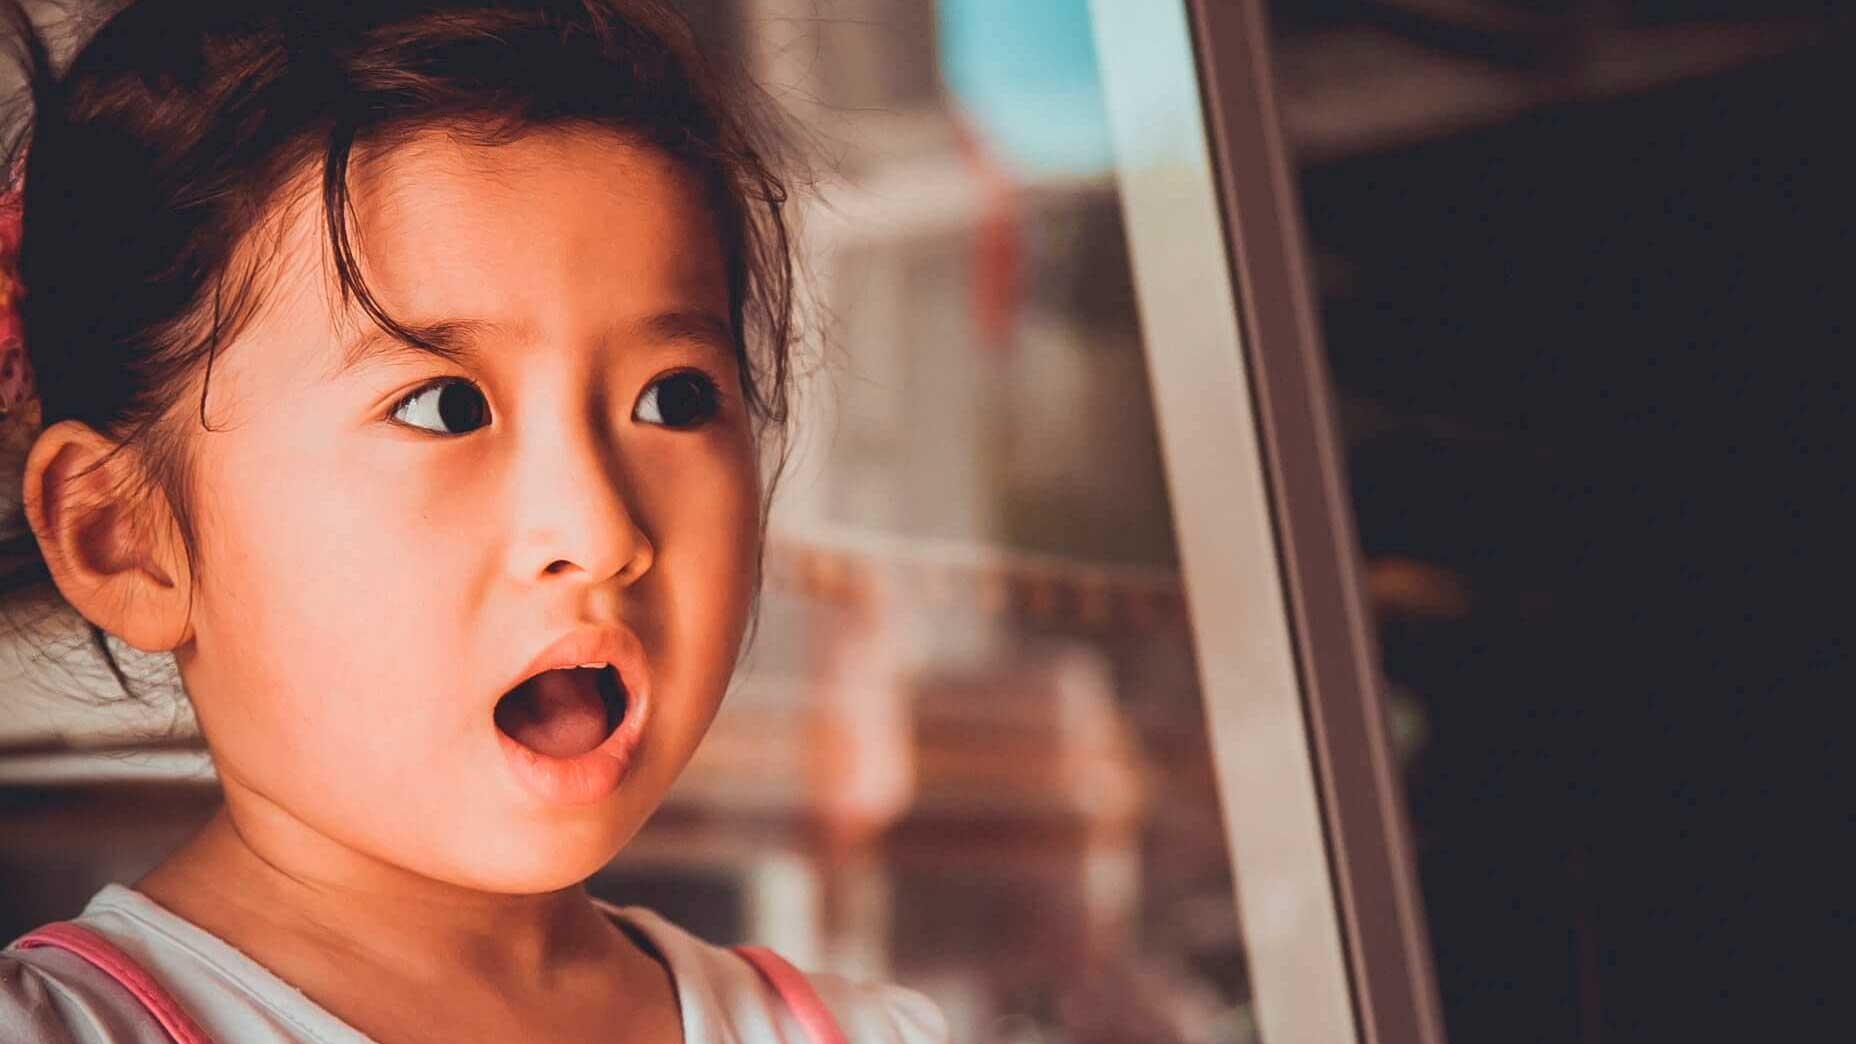 Meu filho não me obedece — Como posso fazer com que ele me ouça?